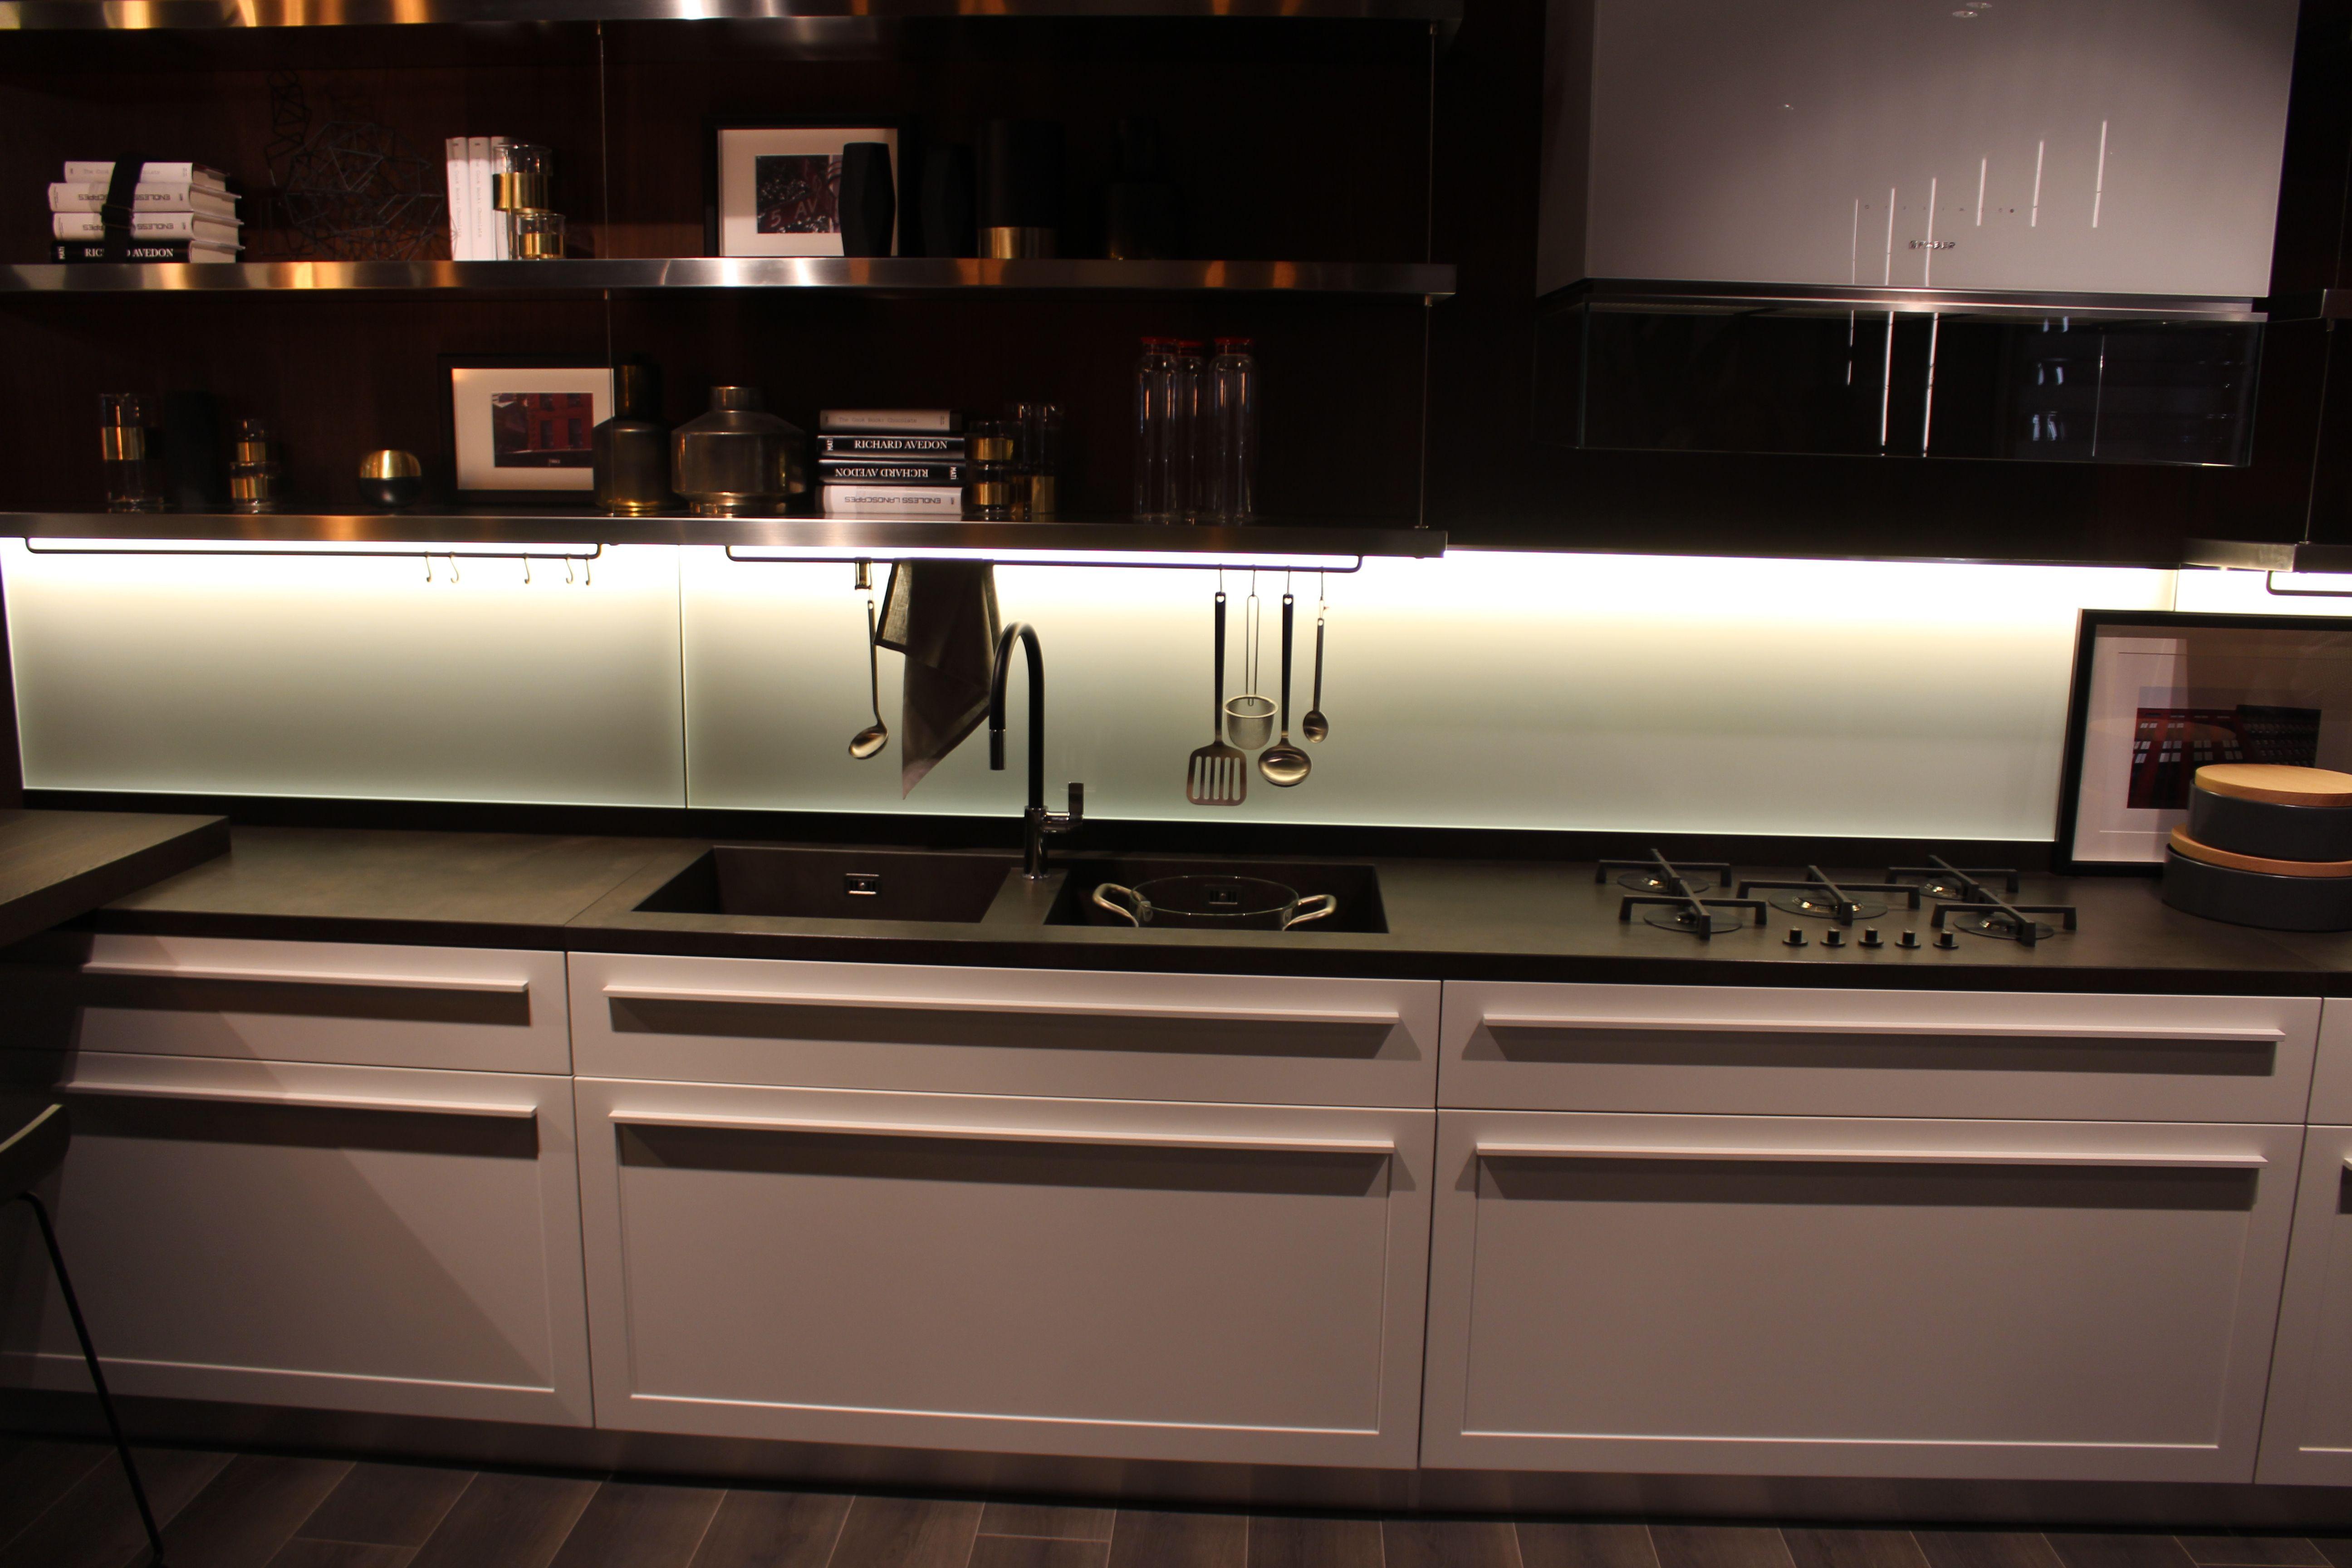 Scavolini Küche - Front - dünne Leiste mit Einkerbung in der Mitte ...